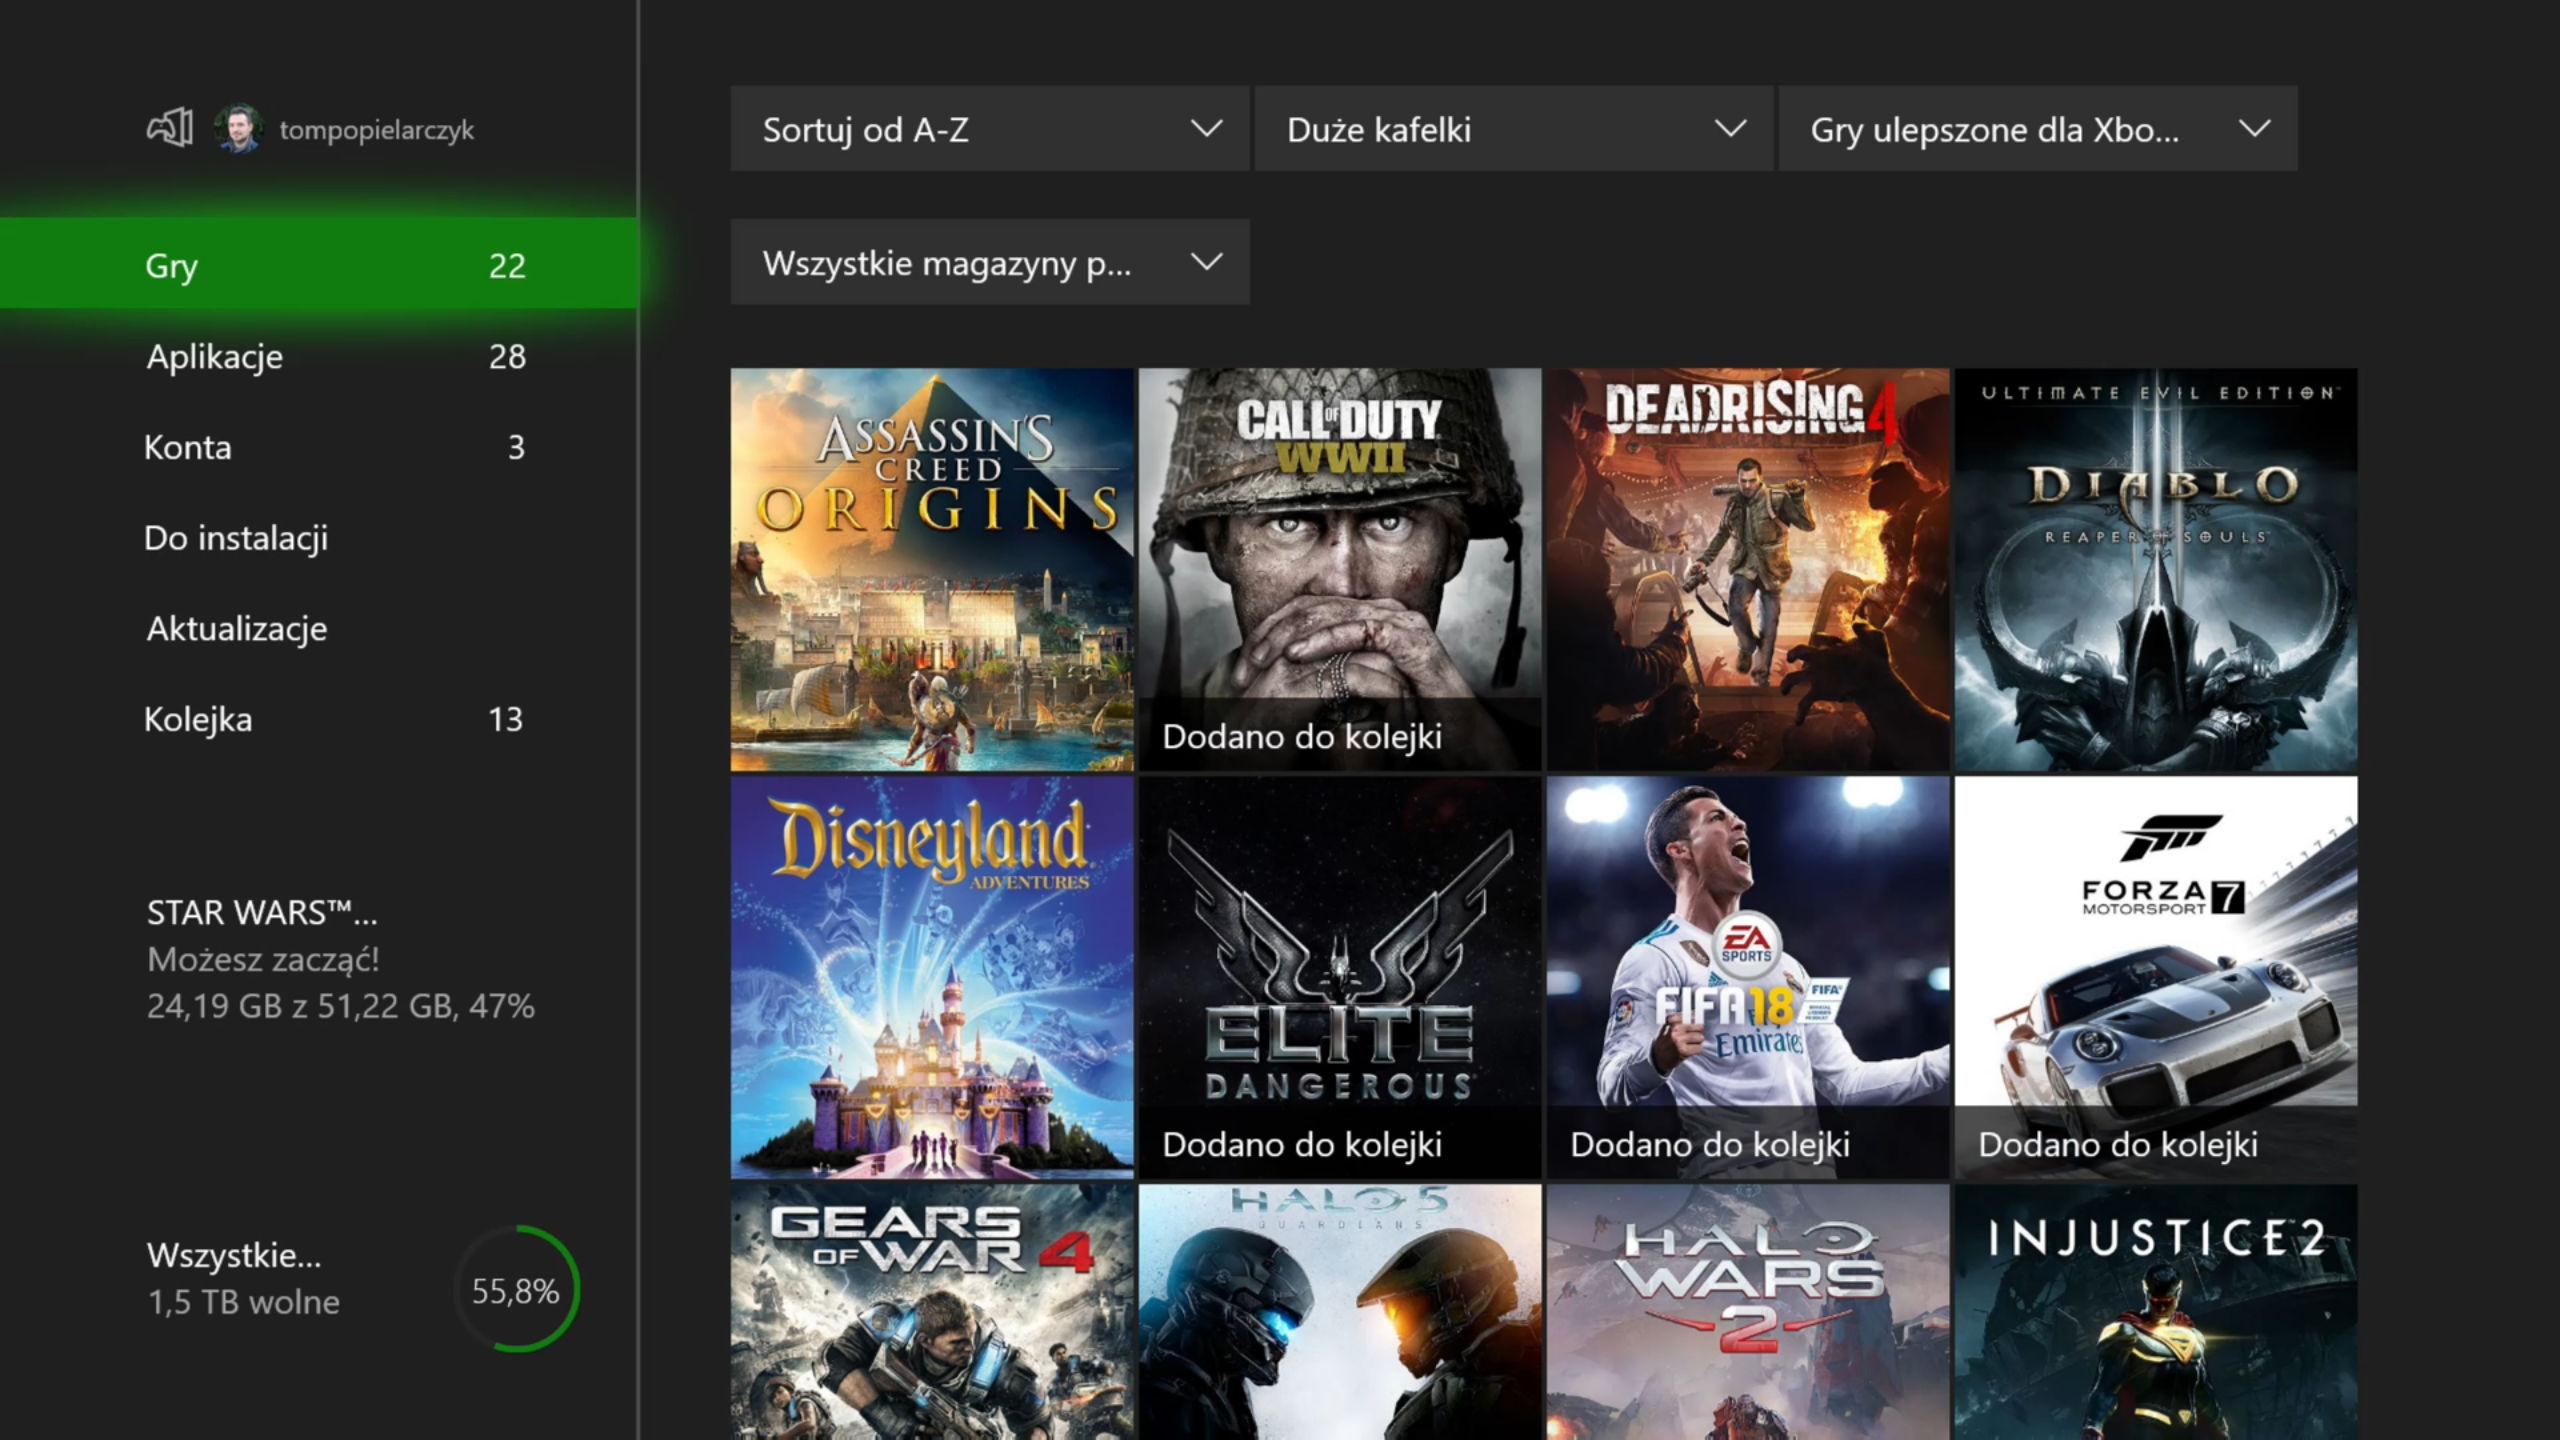 Xbox One X gry